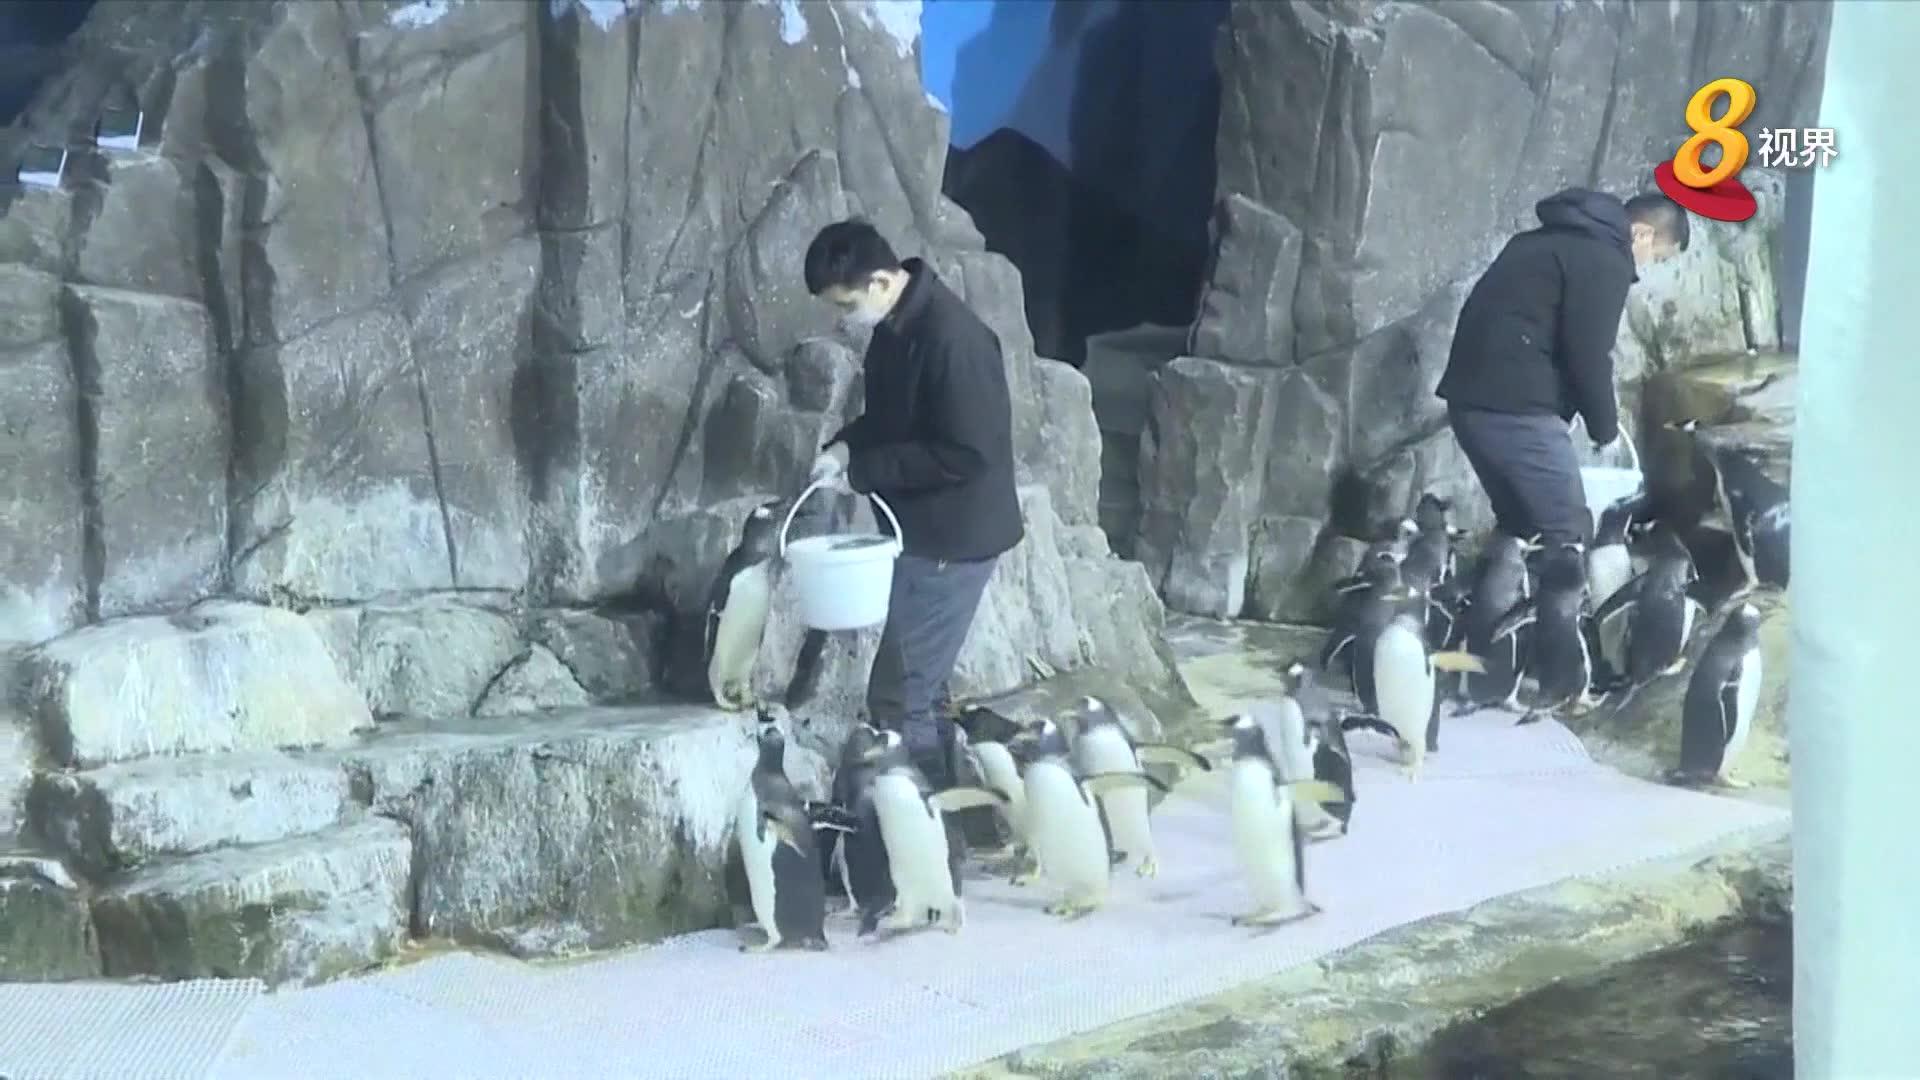 中国花五年攻克难题 孵化两只巴布亚企鹅